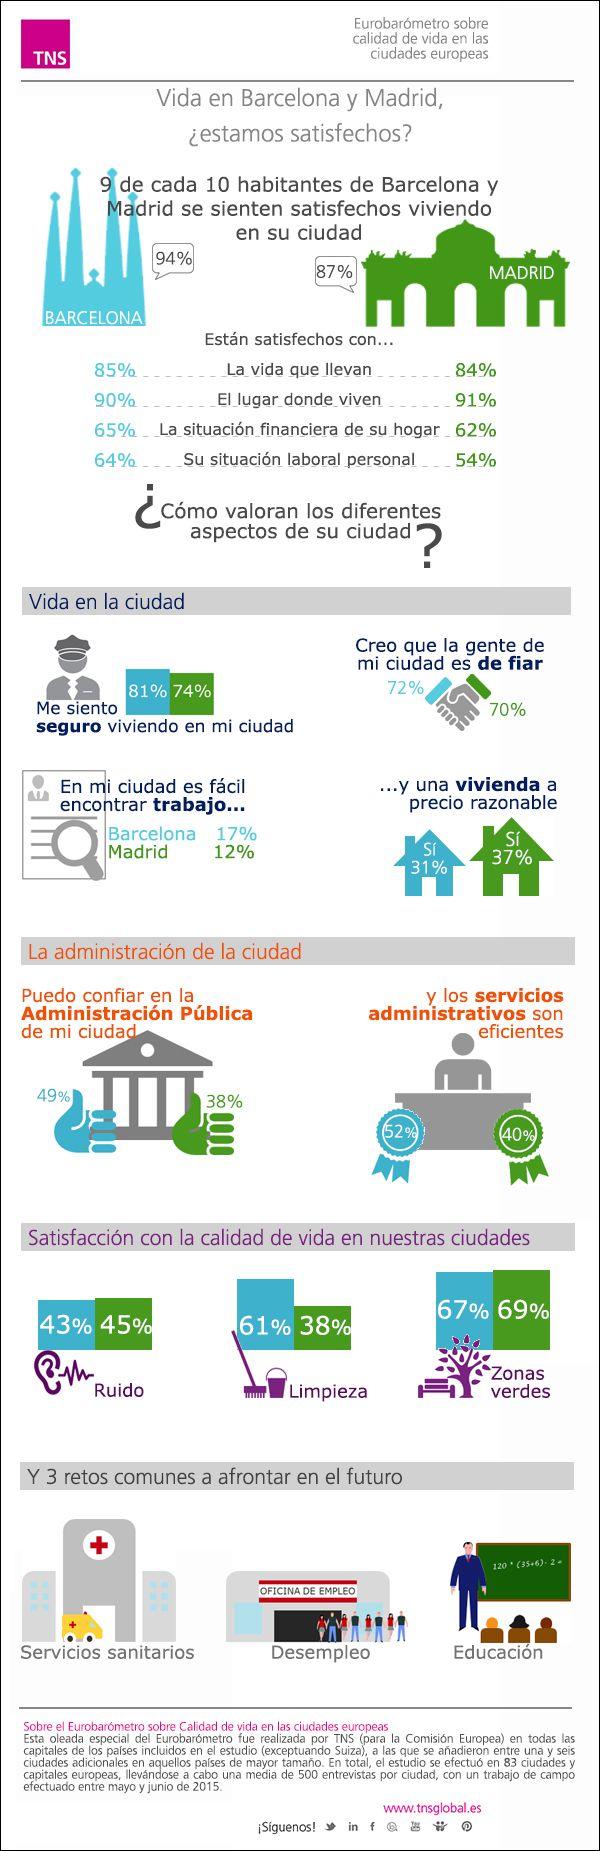 Eurobarómetro sobre la vida en las ciudades: Madrid y Barcelona